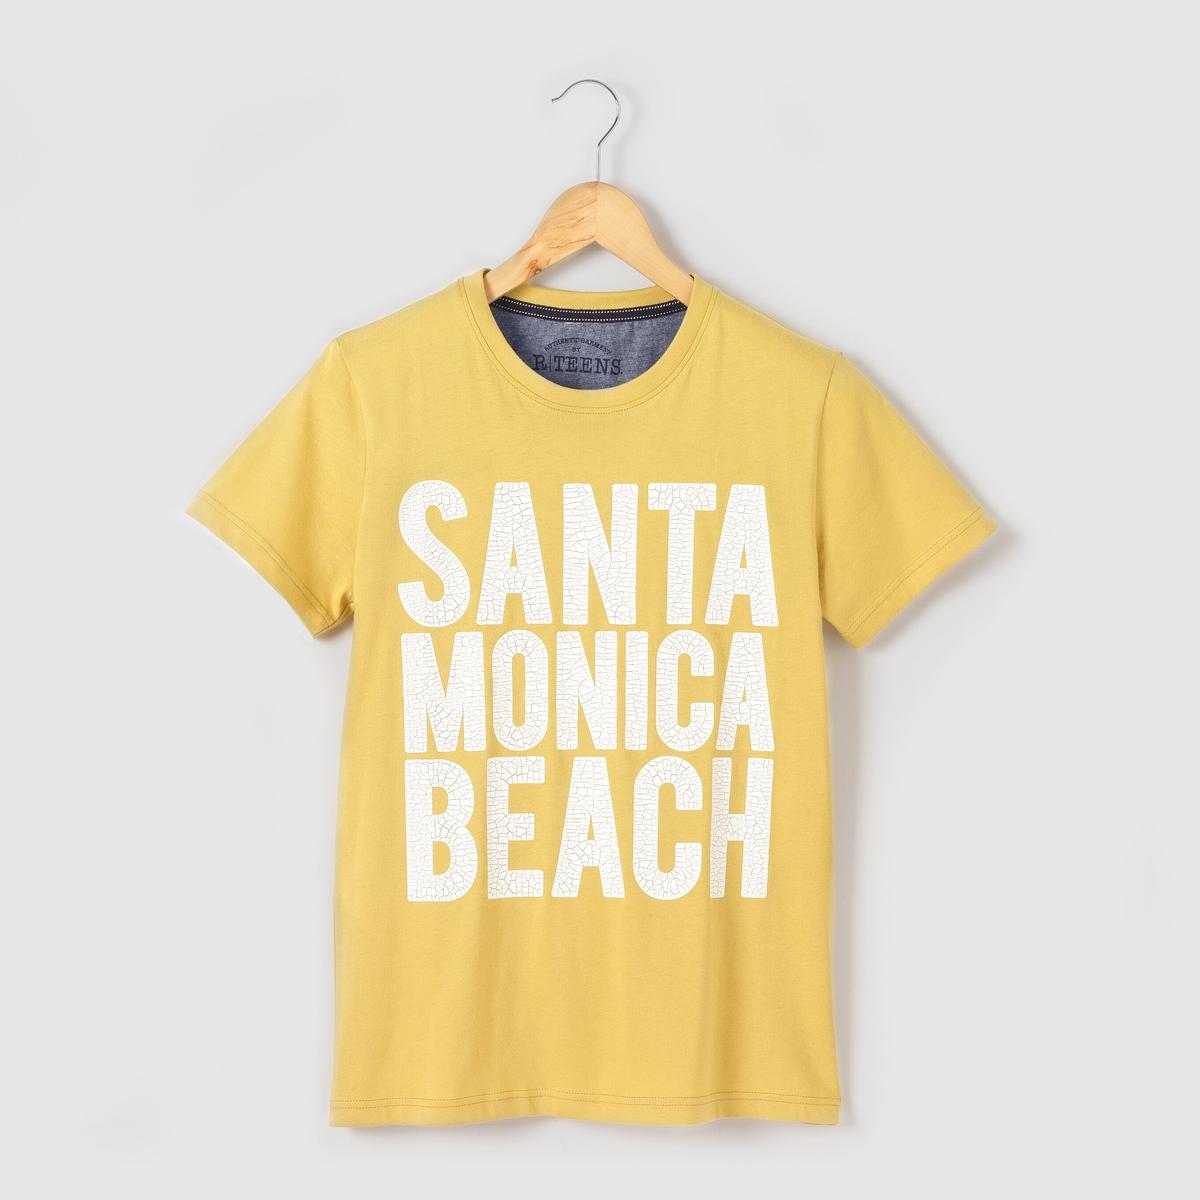 Футболка Santa Monica Beach на  10-16 летФутболка с короткими рукавами из джерси. Круглый вырез. Рисунок Santa Monica Beach с эффектом потрескавшейся краски спереди.    Полумесяц из шамбре с внутренней стороны. Состав и описаниеМатериал: 100% хлопкаУХОДСтирать и гладить с изнаночной стороныМашинная стирка при 30 °C с вещами схожих цветовМашинная сушка запрещенаГладить при умеренной температуре.<br><br>Цвет: желтый<br>Размер: 16 лет